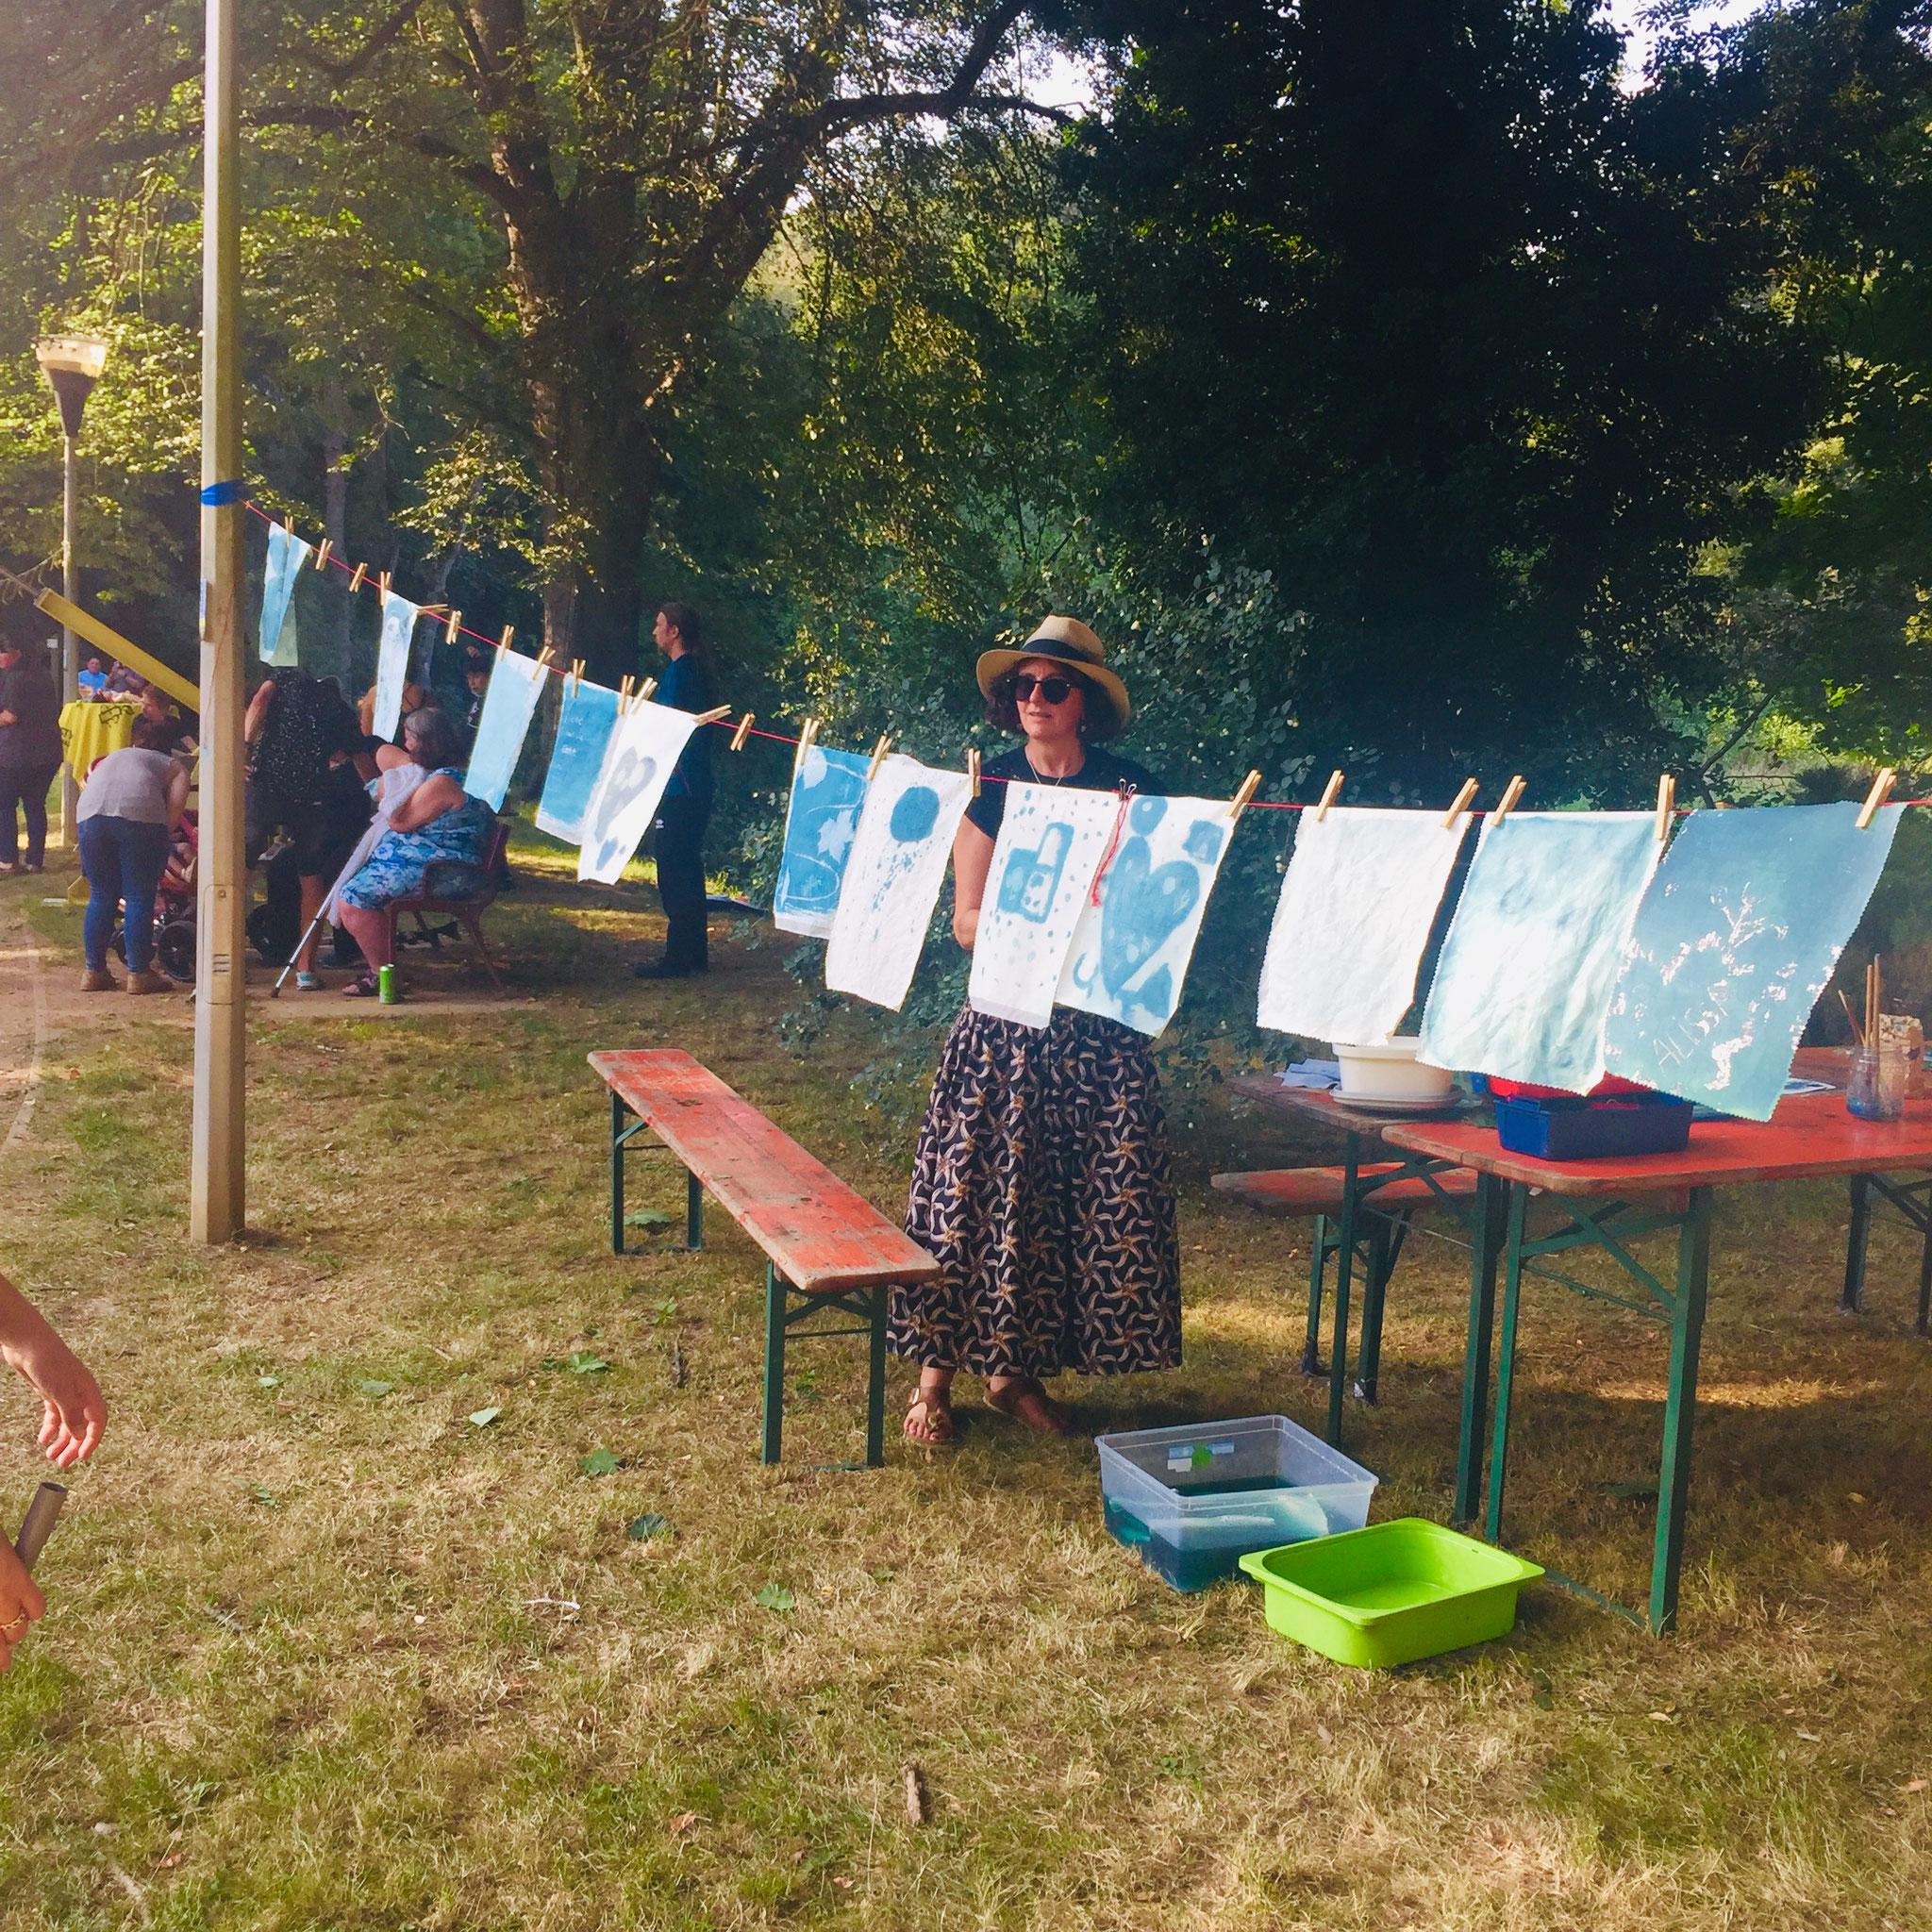 Fanions réalisé lors de Parc en fête avec les Ateliers de l'escargot.